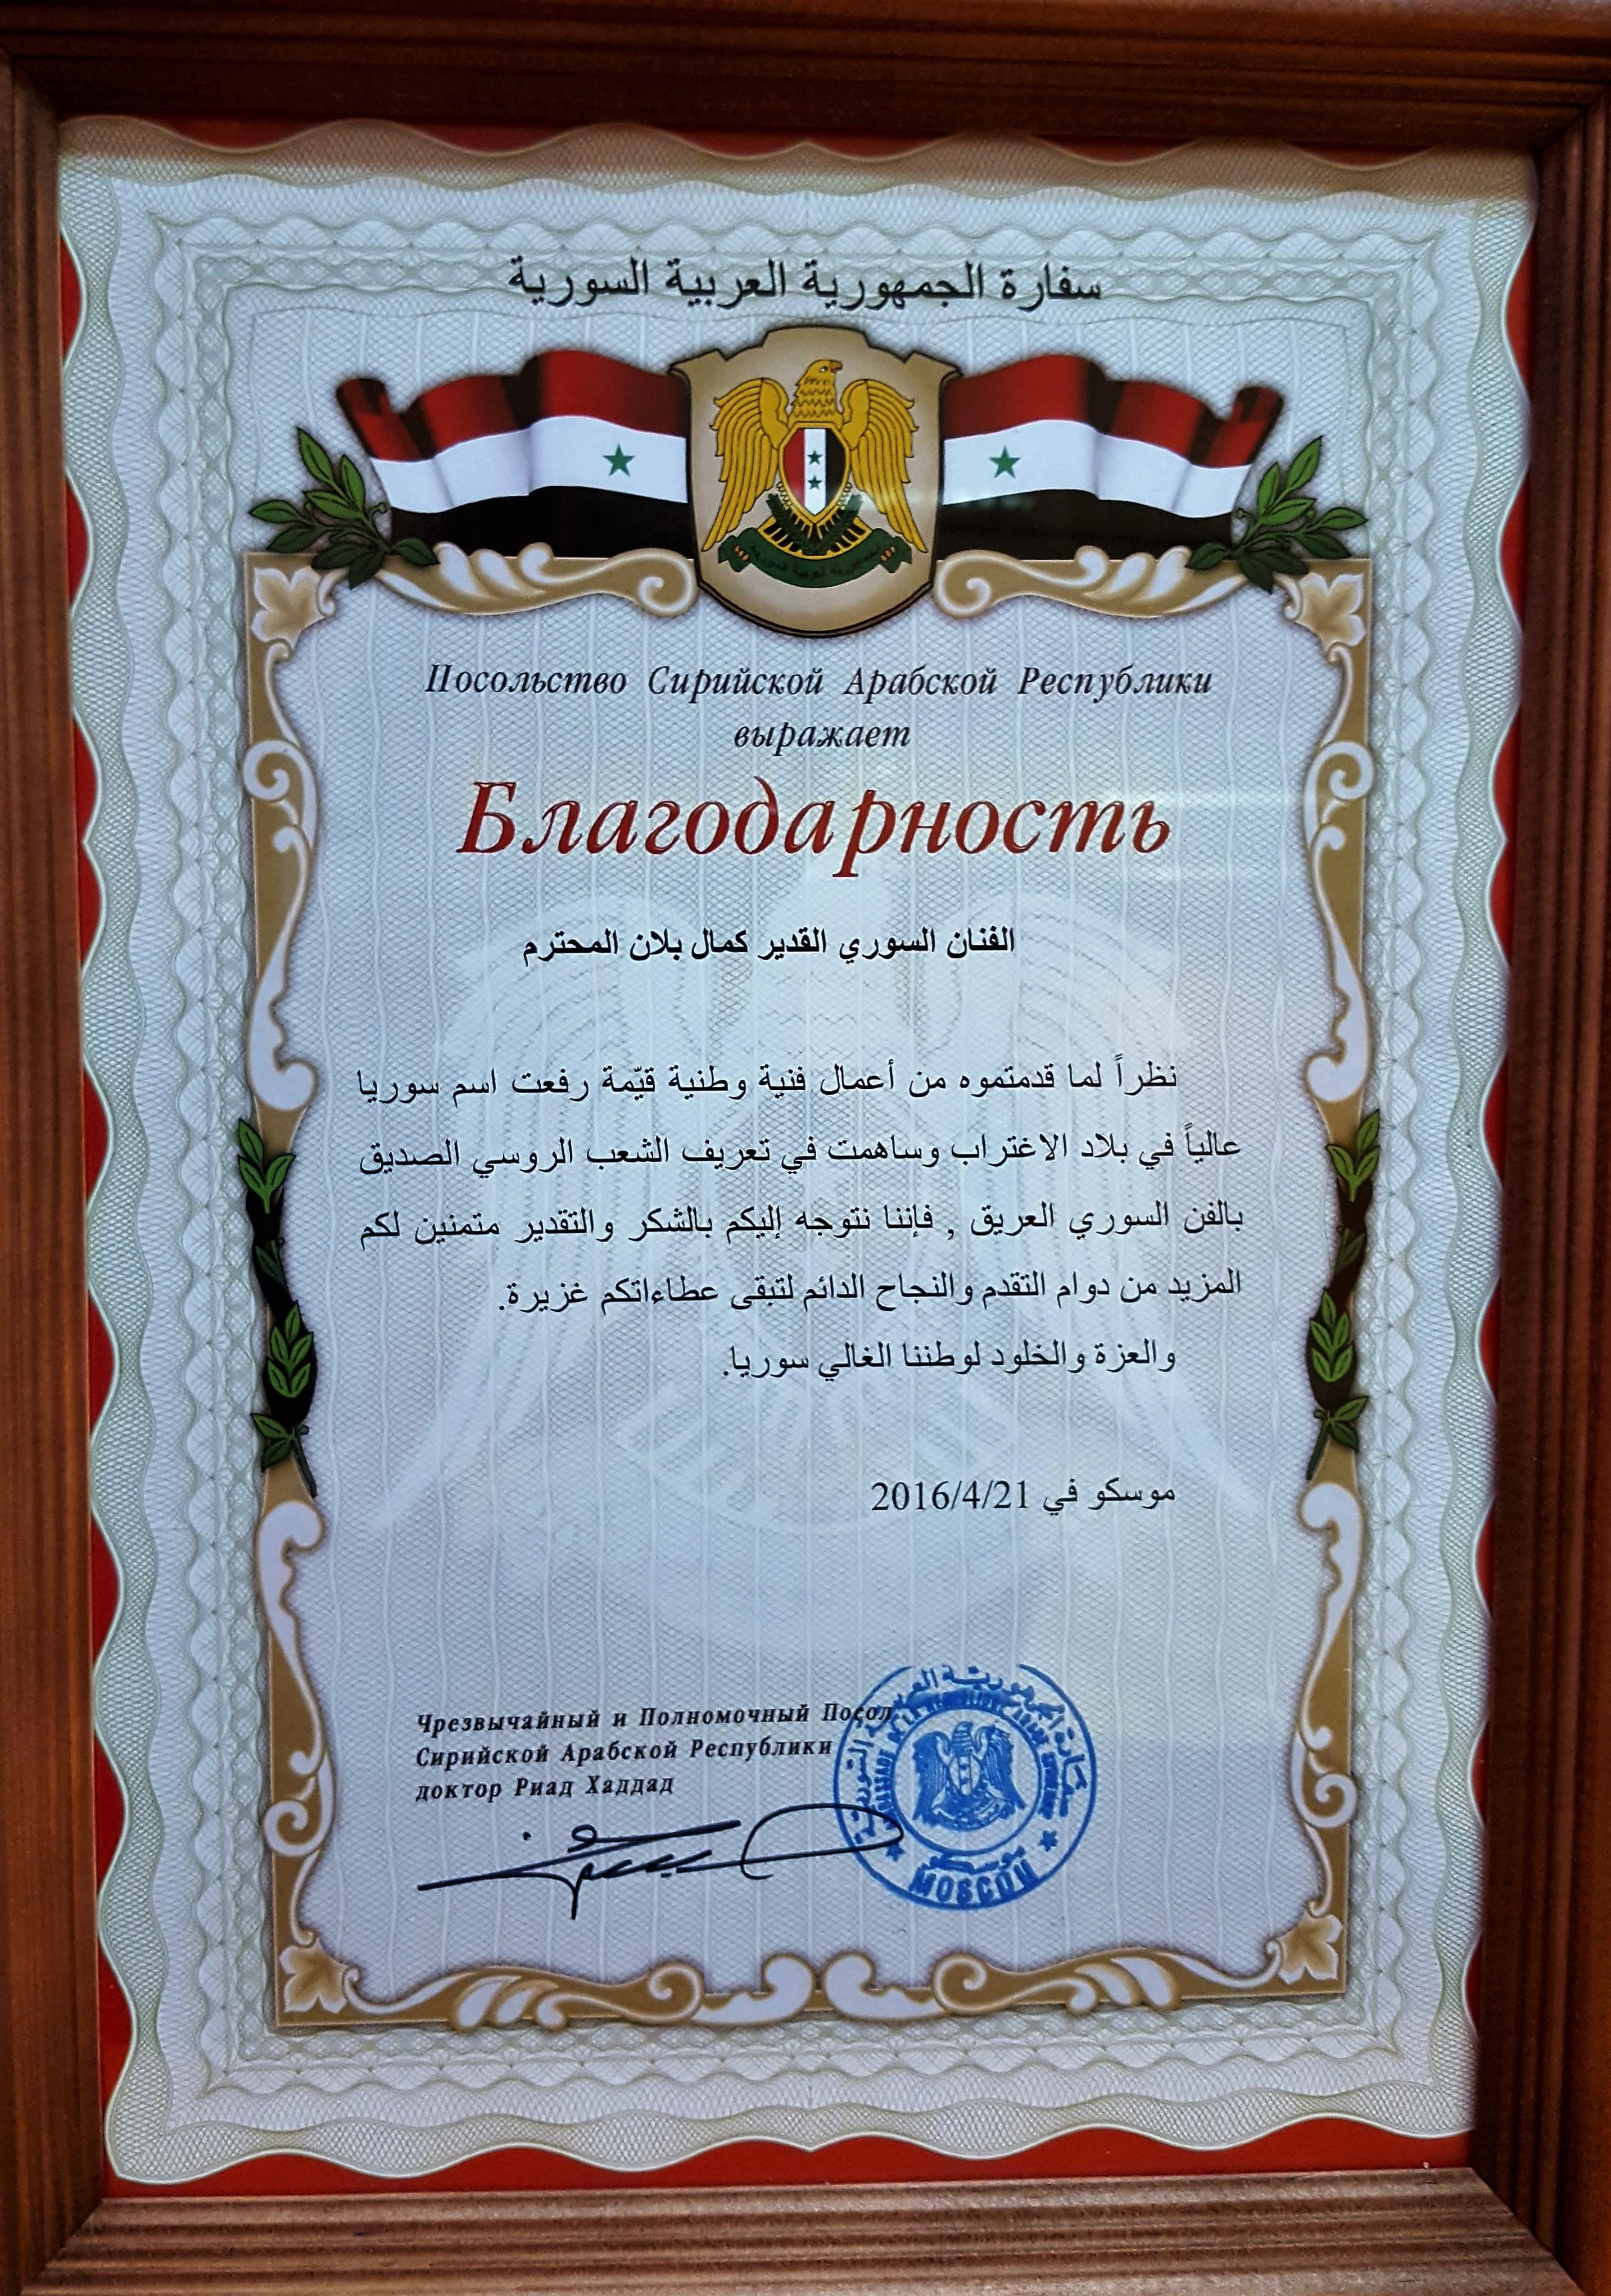 благодарность от посольства Сирии Камалю Баллану за развитие культуры